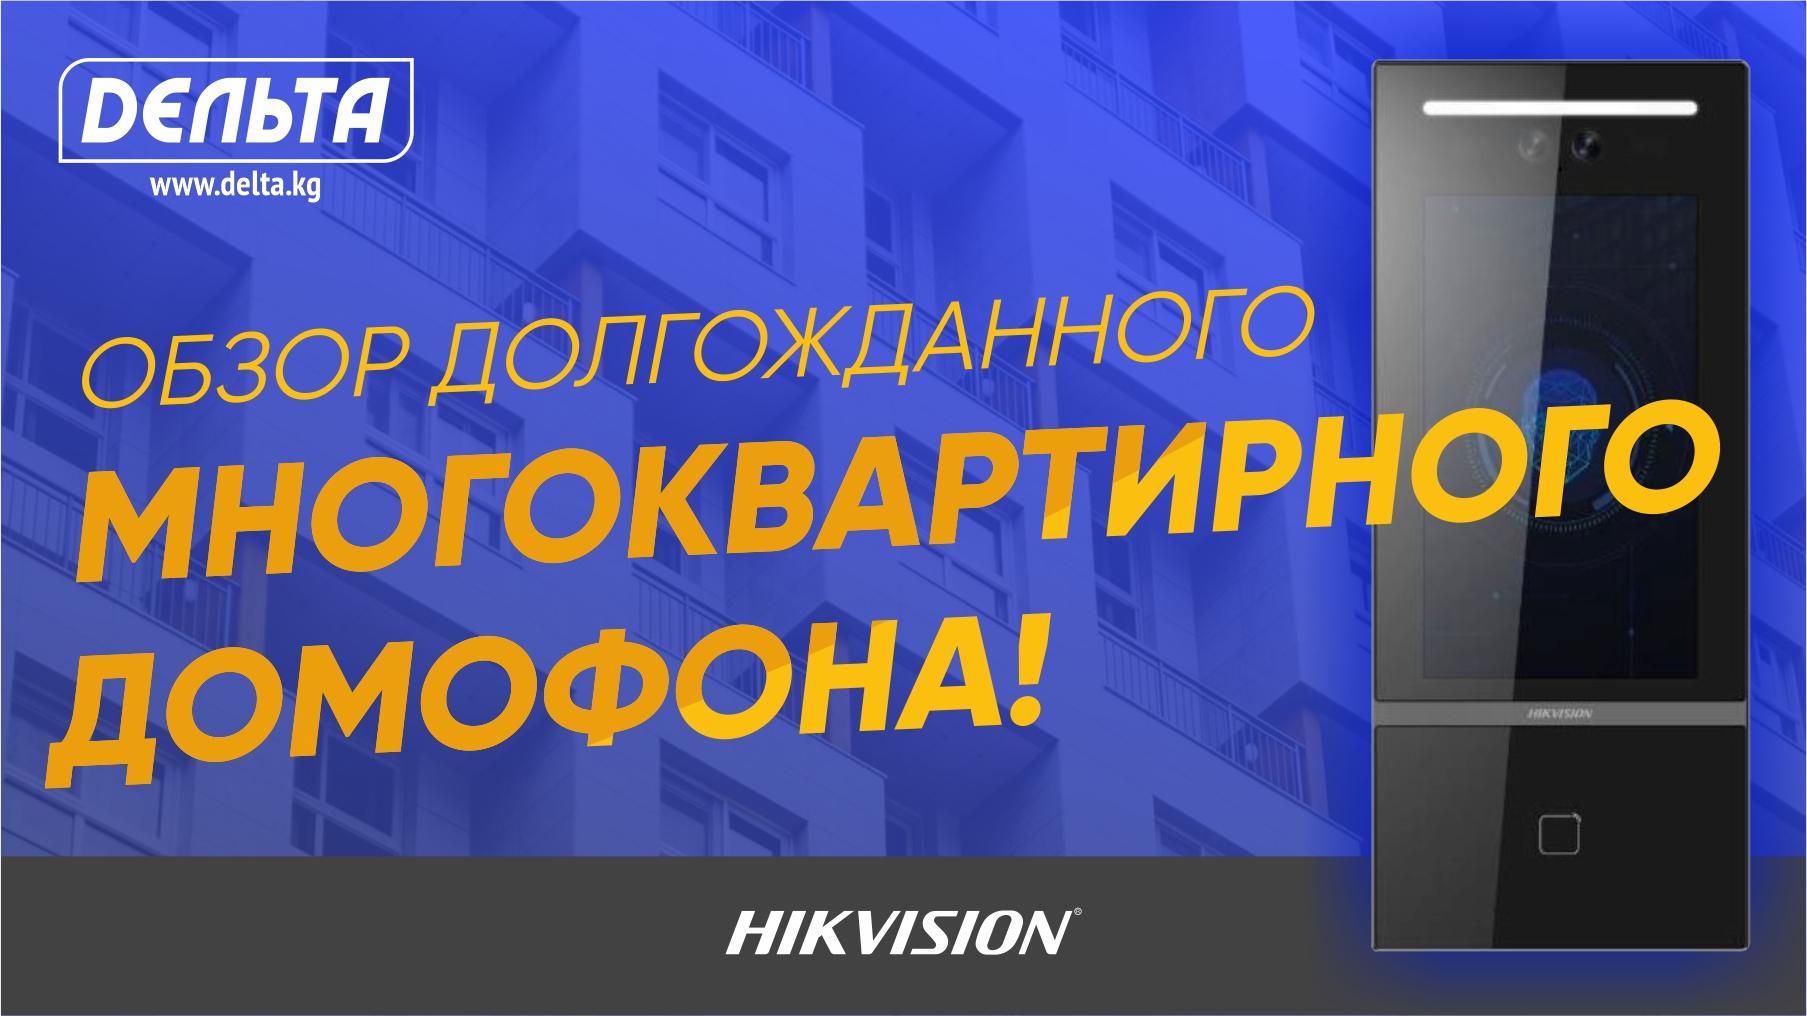 Обзор долгожданного многоквартирного домофона HIKVISION DS-KD9613-E6!